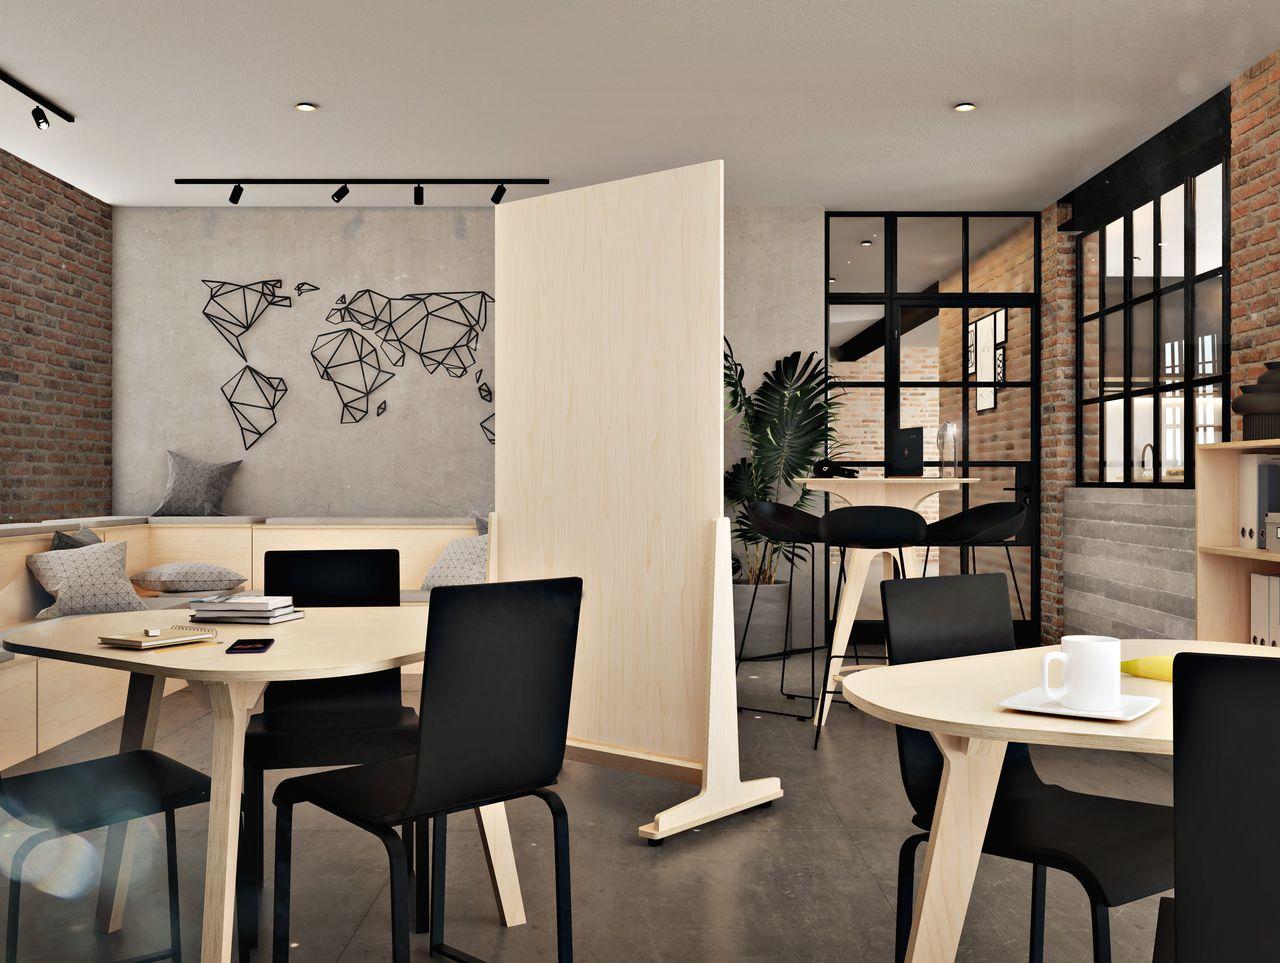 Panneau en bois disposé entre deux espaces aux fonctions différentes, l'un pour discuter avec ses collaborateurs pendant la pause café et l'autre pour réaliser des réunions rapides, dans une salle à la décoration  industrielle mêlant métal